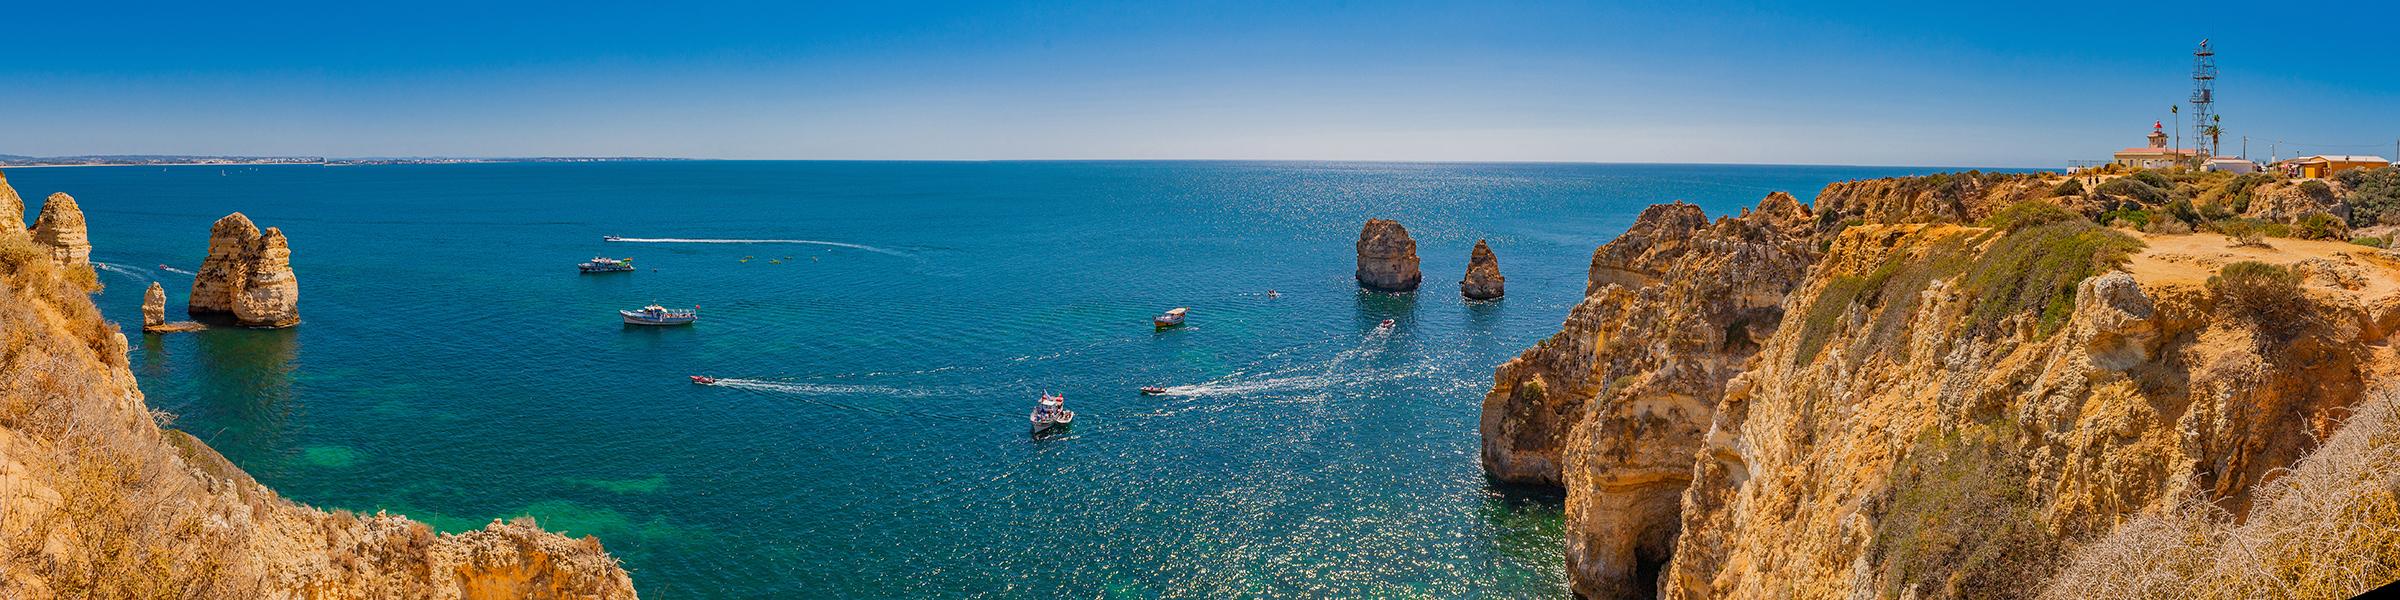 Portugal Cape St Vincent